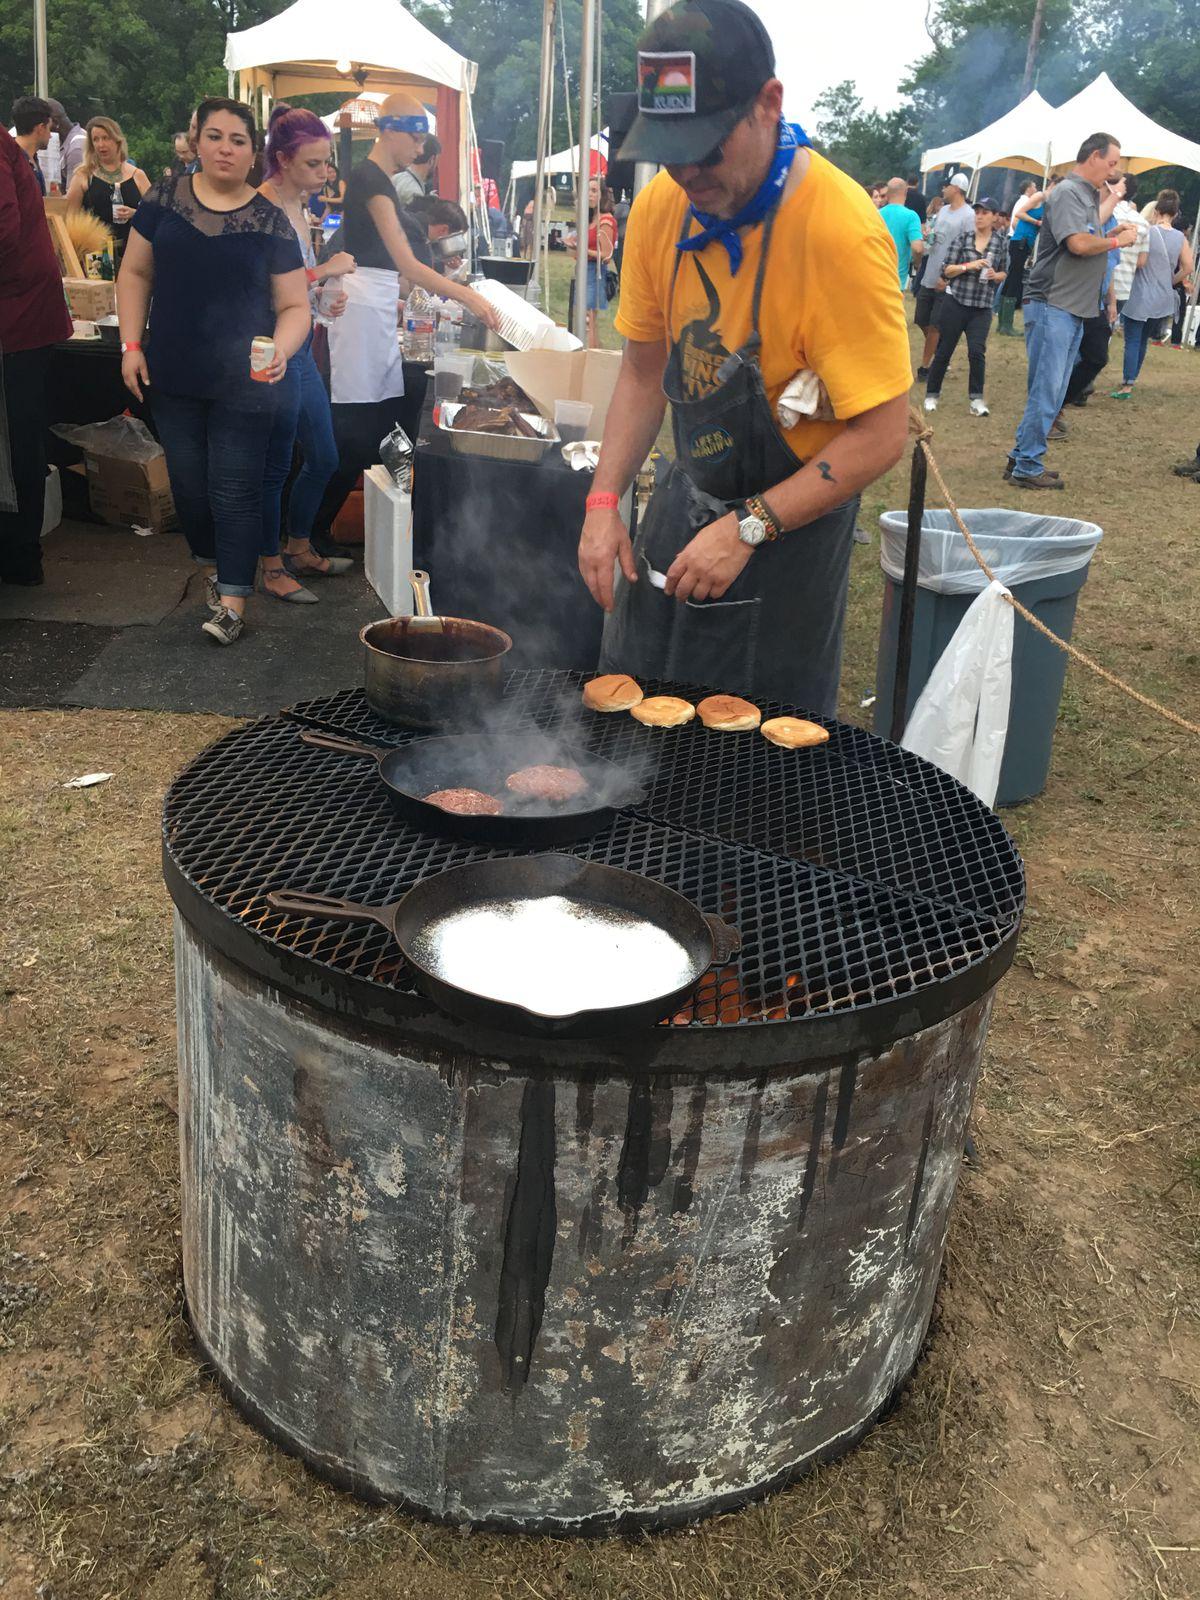 John Tesar making burgers